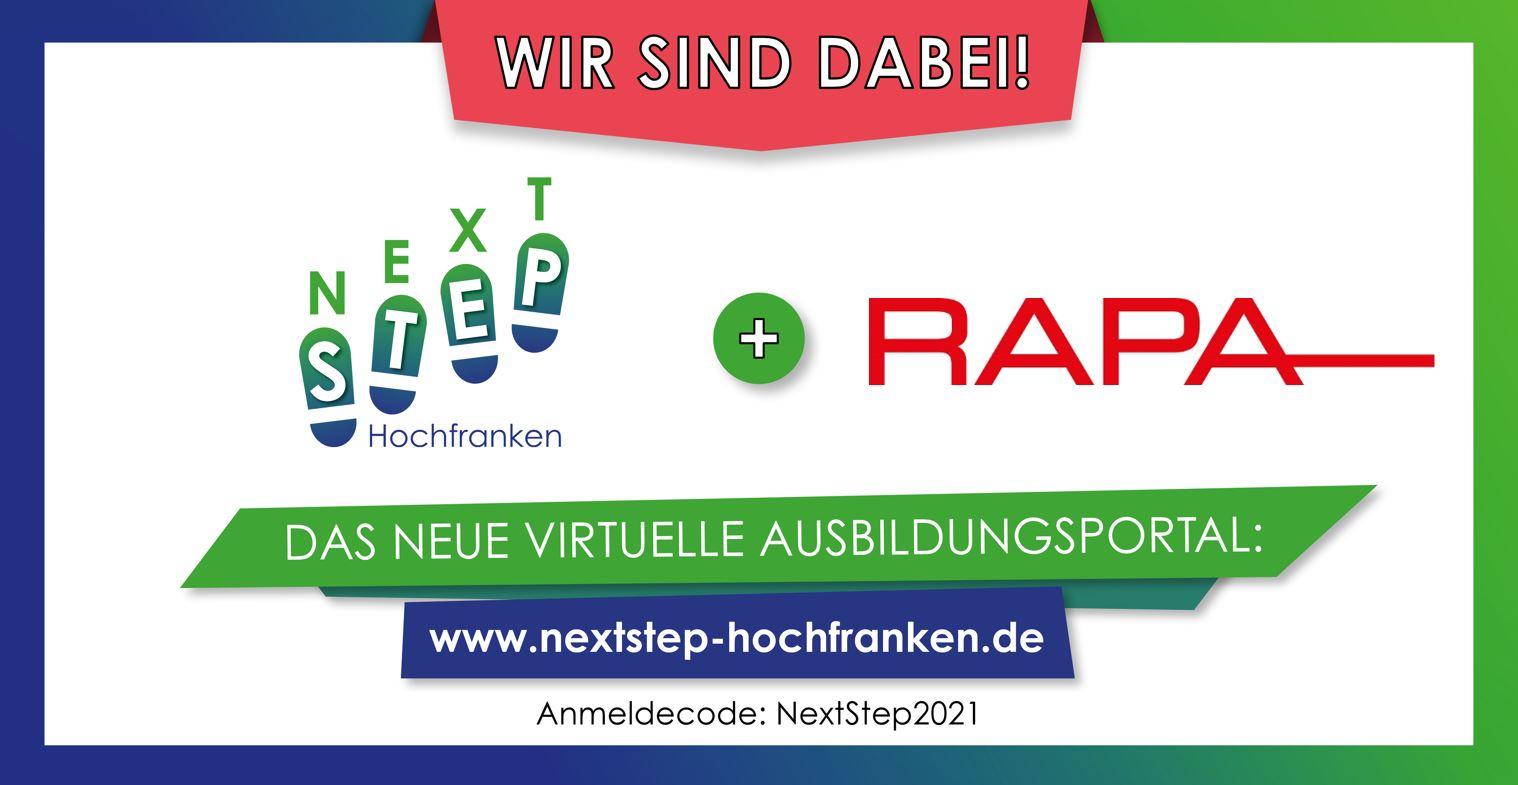 Ausbildungsportal NextStep Hochfranken - Wir sind dabei!